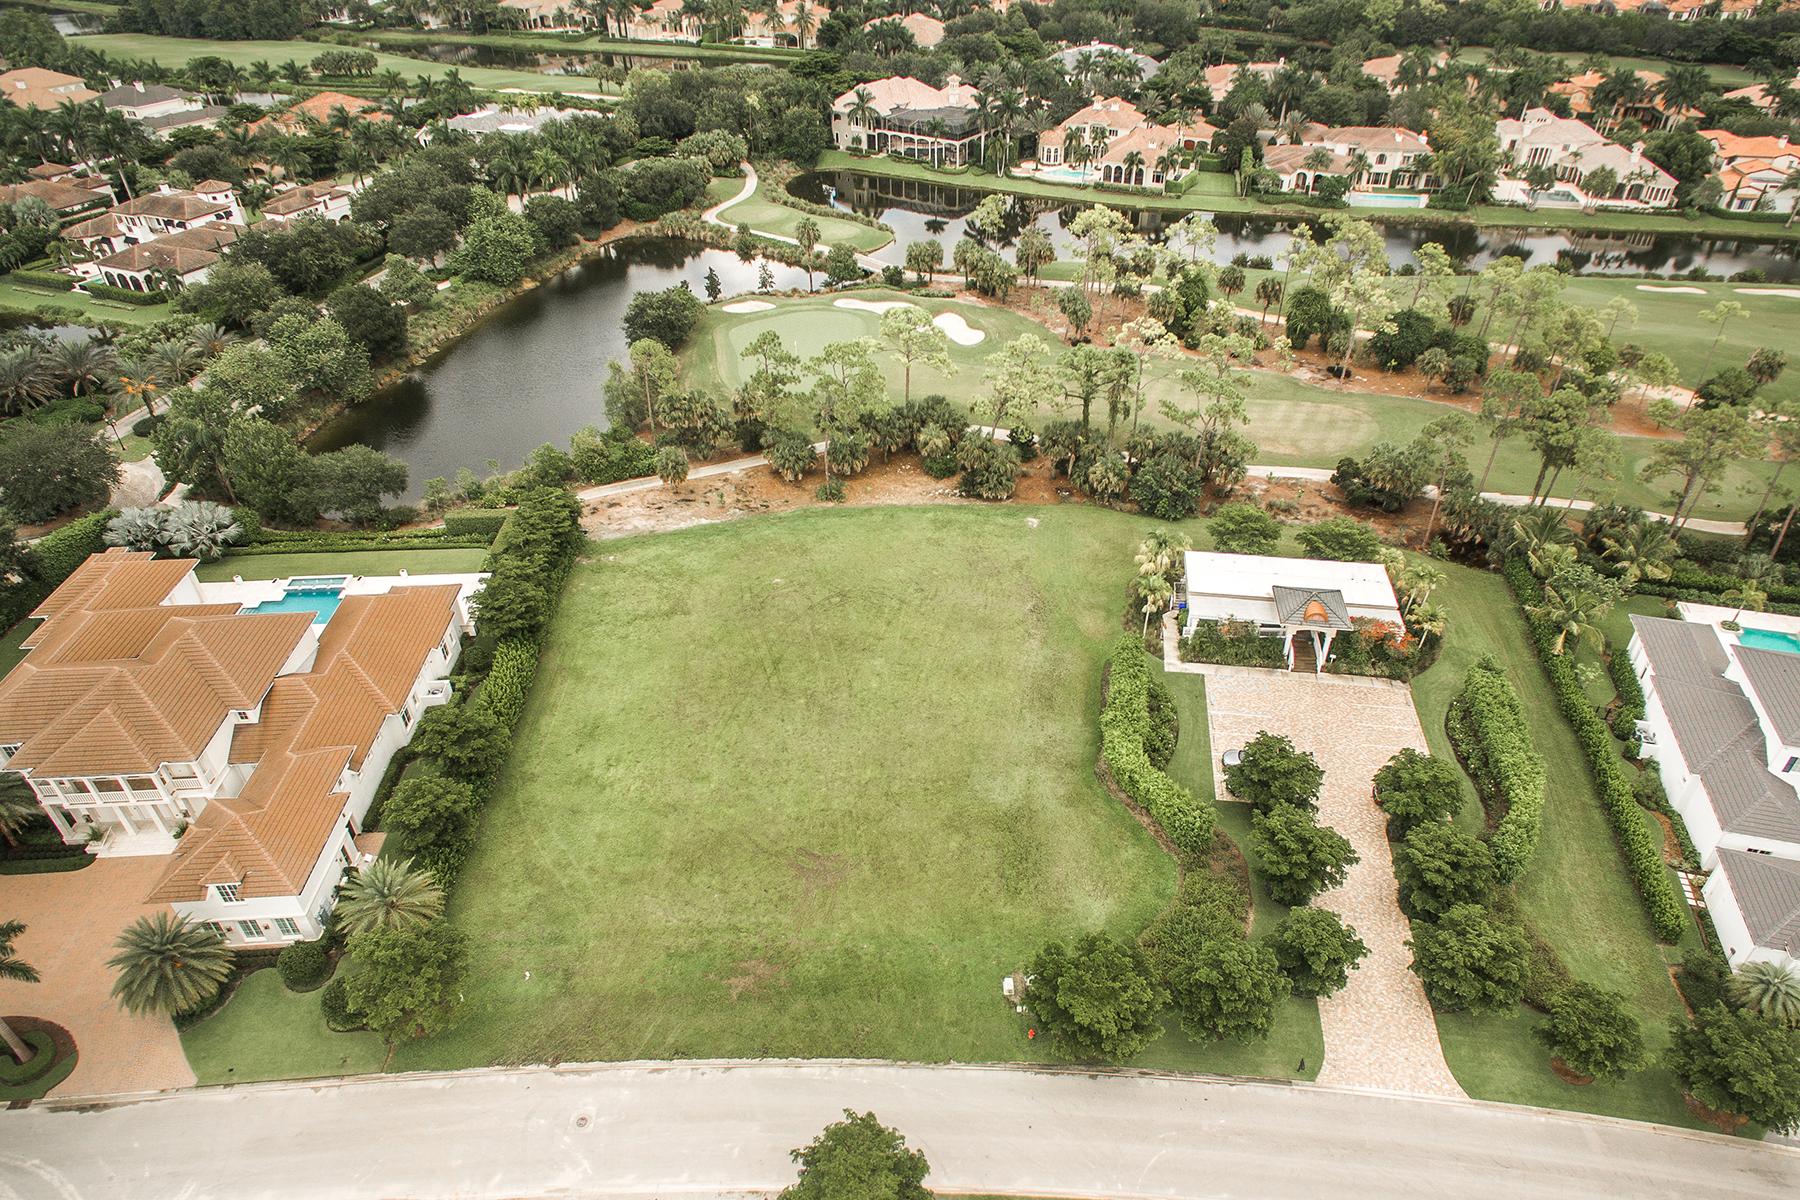 Terreno por un Venta en ESTUARY AT GREY OAKS - GREY OAKS 1222 Gordon River Trl Naples, Florida, 34105 Estados Unidos